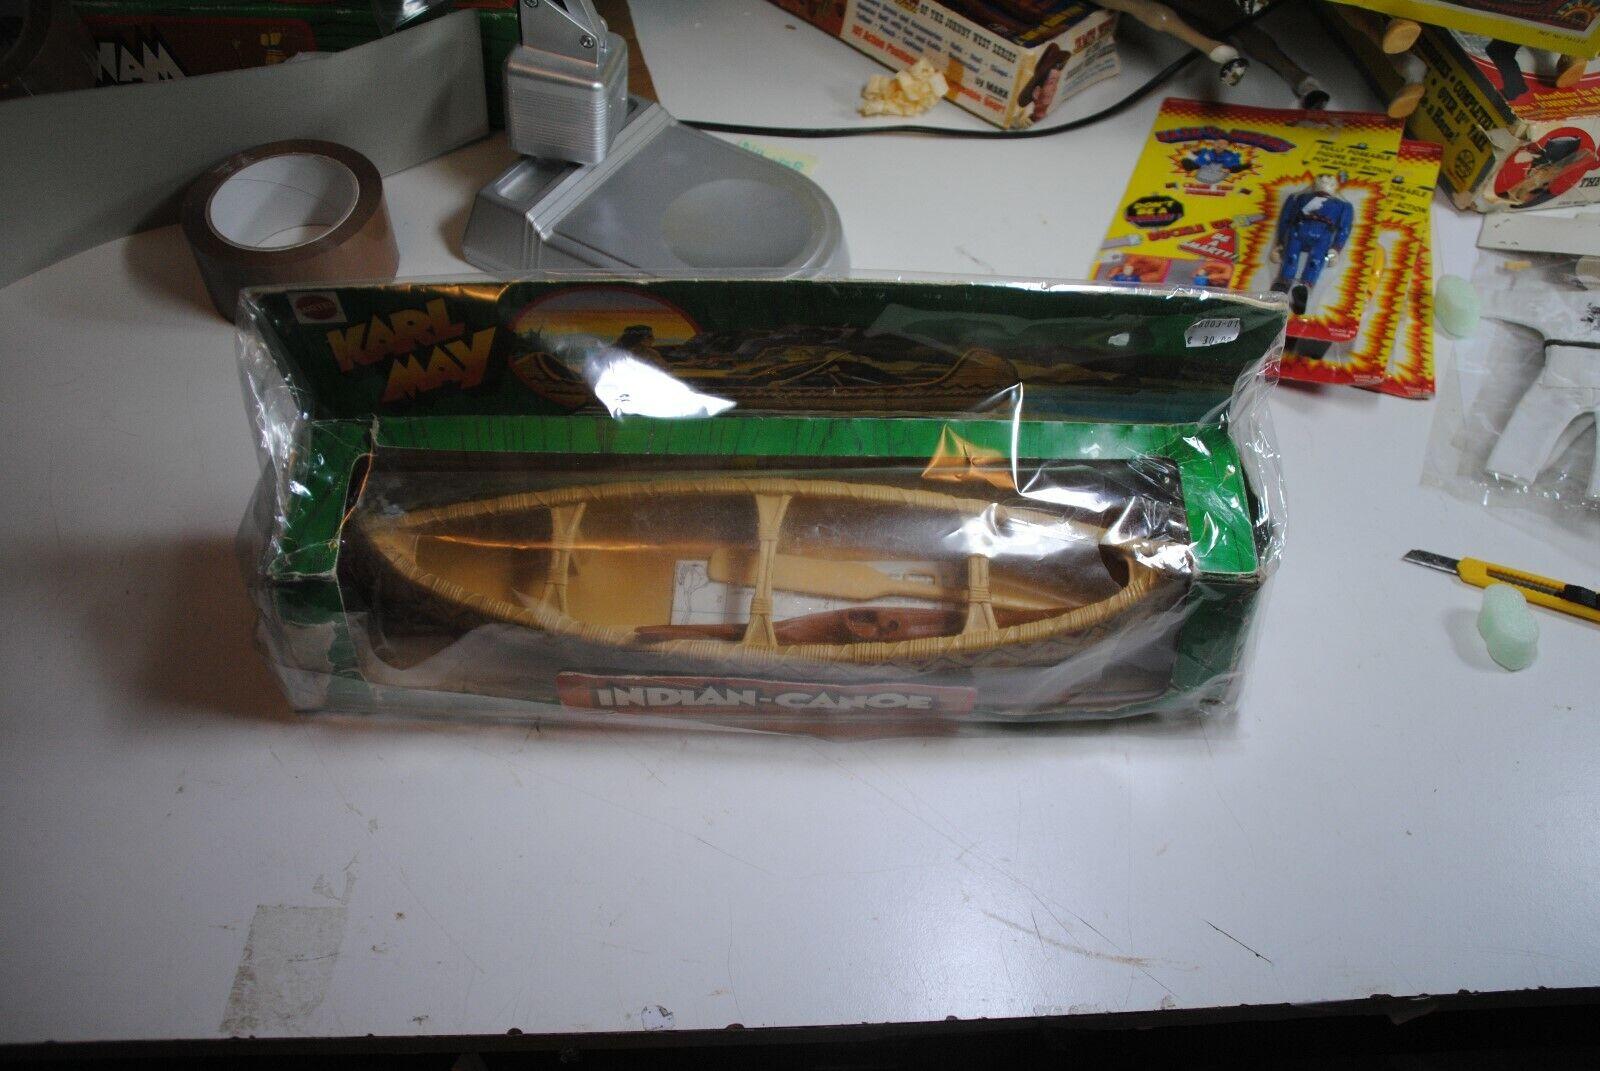 BIG JIM KARL MAY MATTEL  INDIAN CANOE   RARE SET  IN THE ORIGINAL BOX